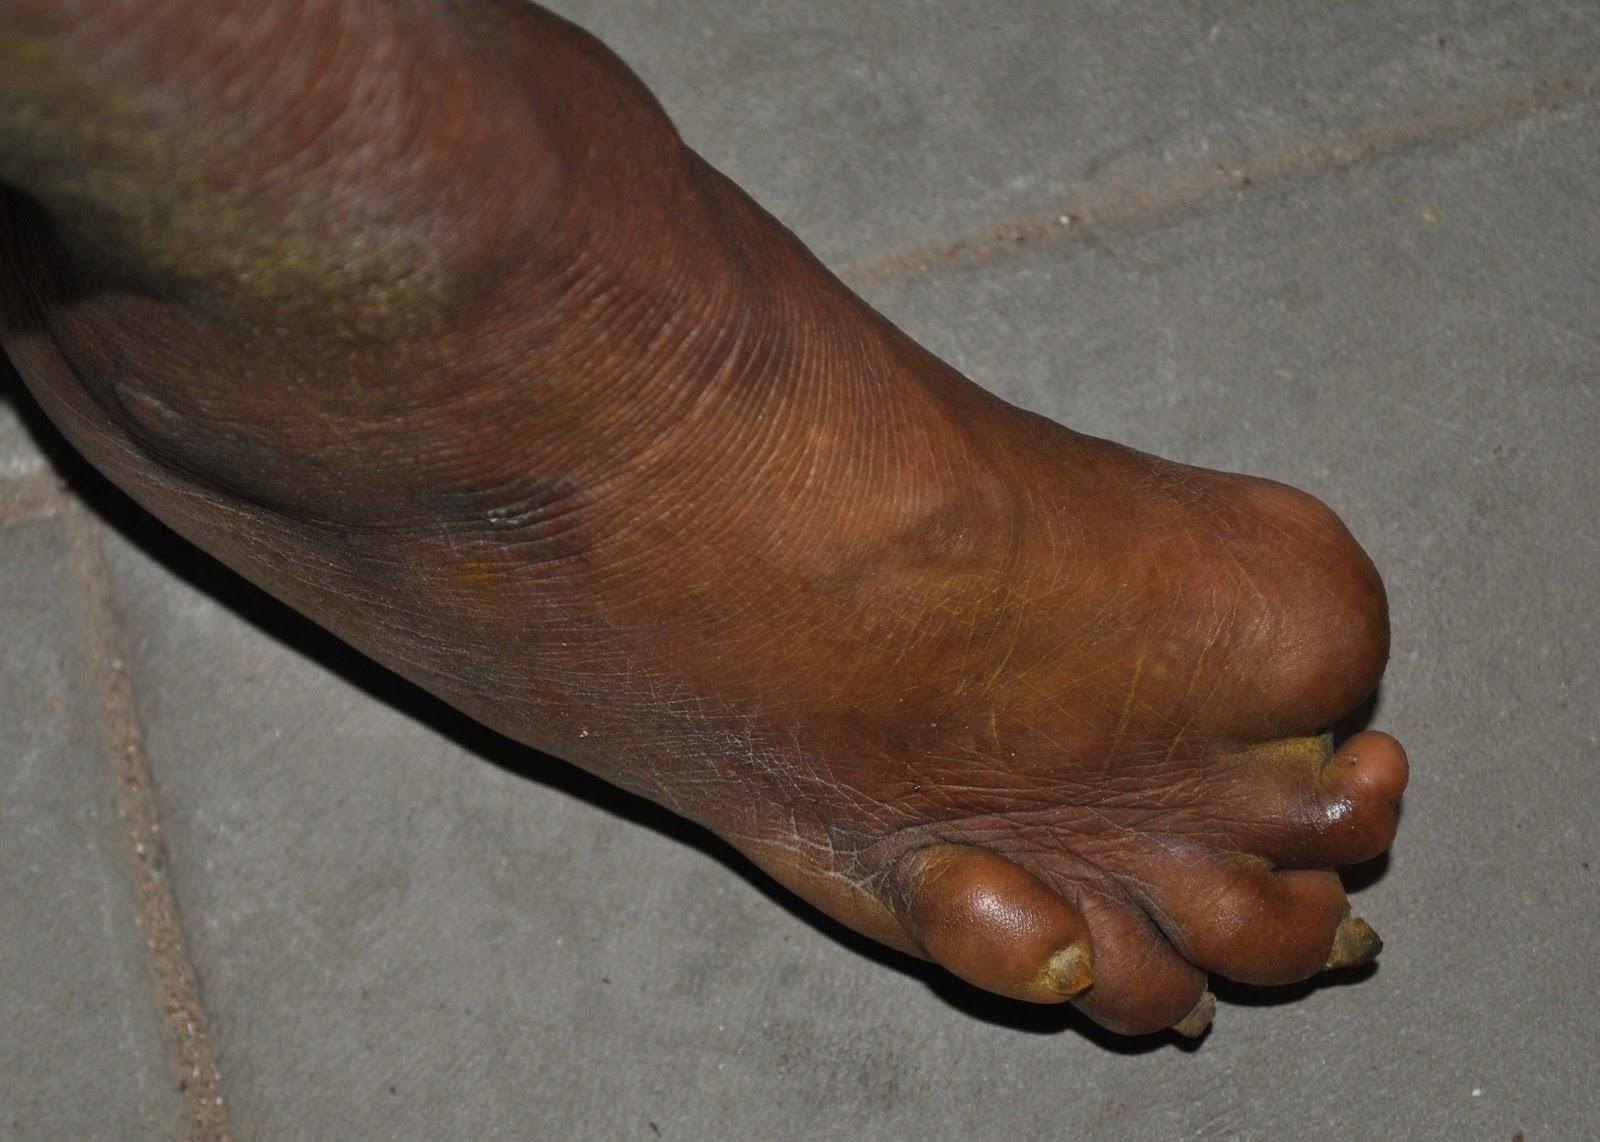 Bilderesultat for leprosy foot